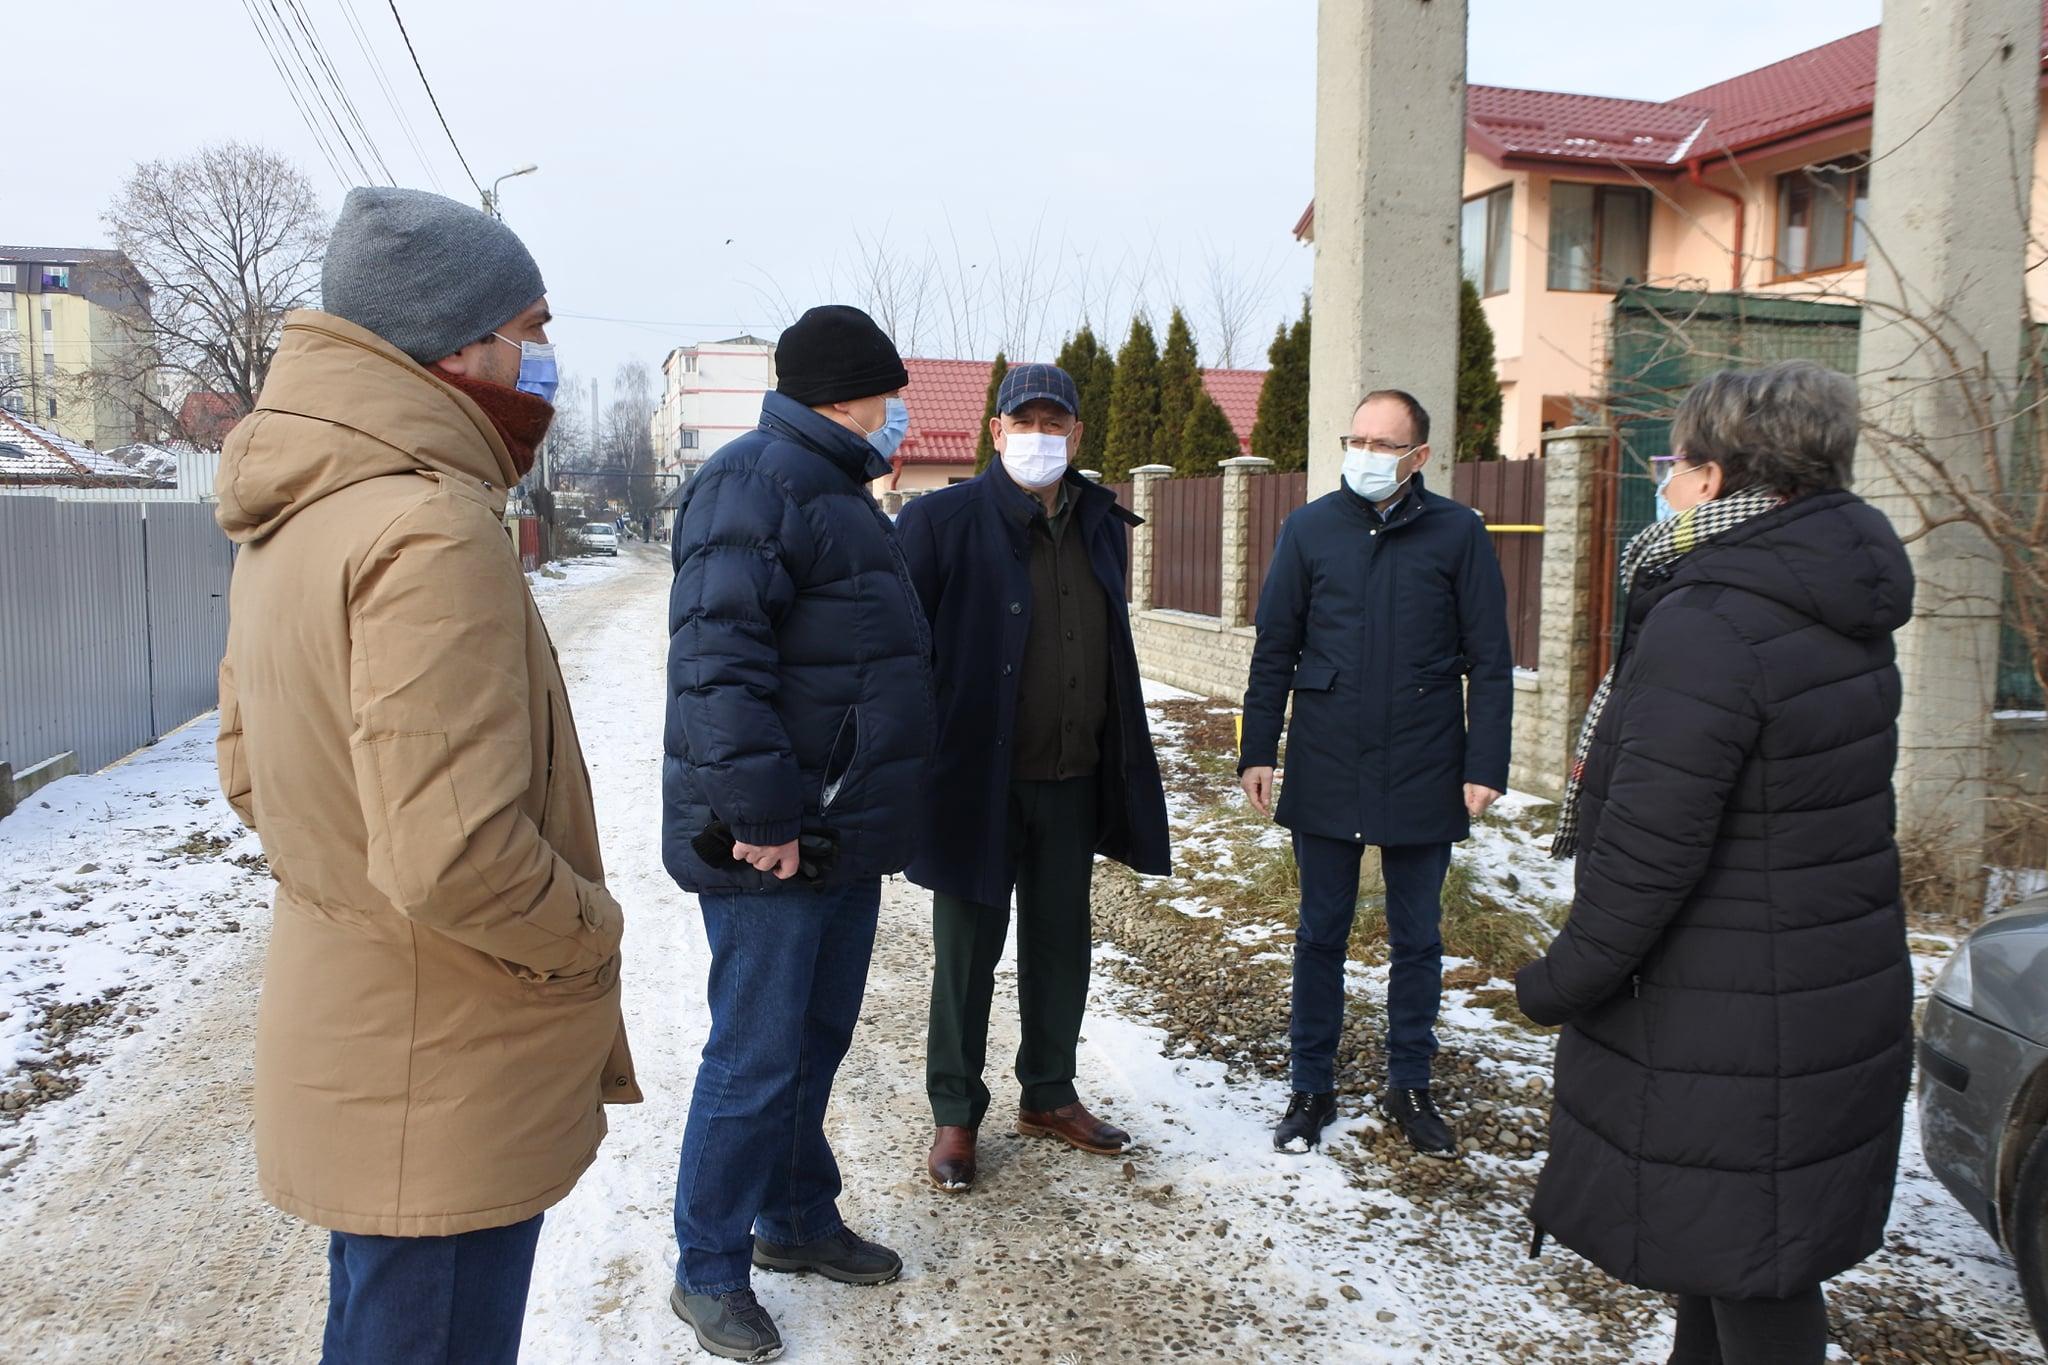 Cinci operatori interesați pentru reabilitarea zonei de pe strada Adrian Adamiu